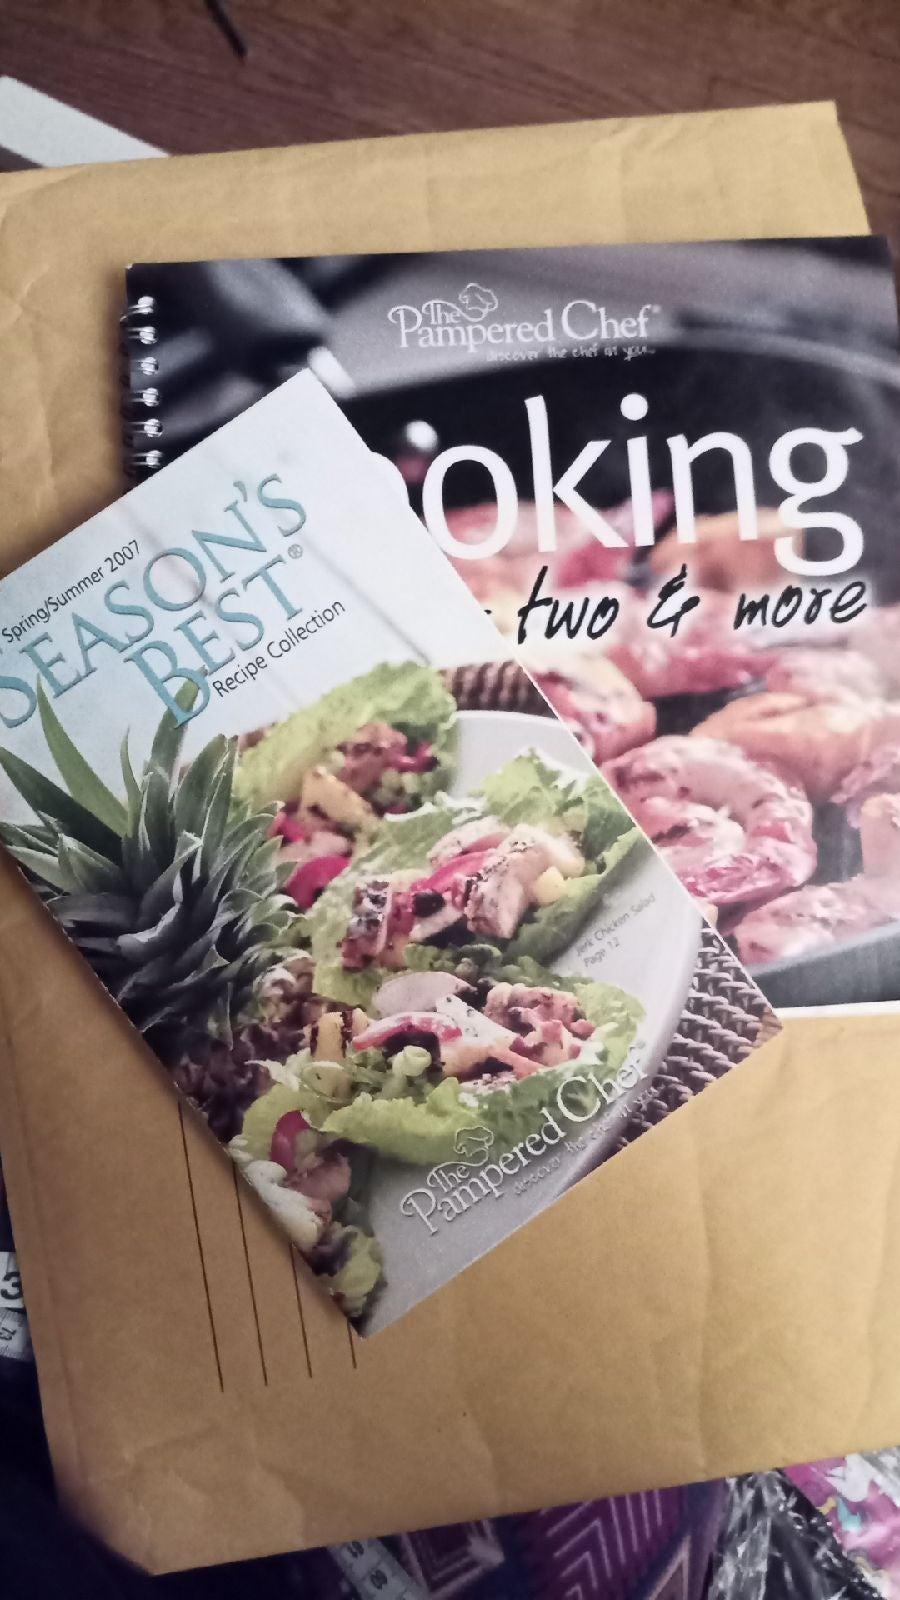 2x Pampered Chef Cookbooks